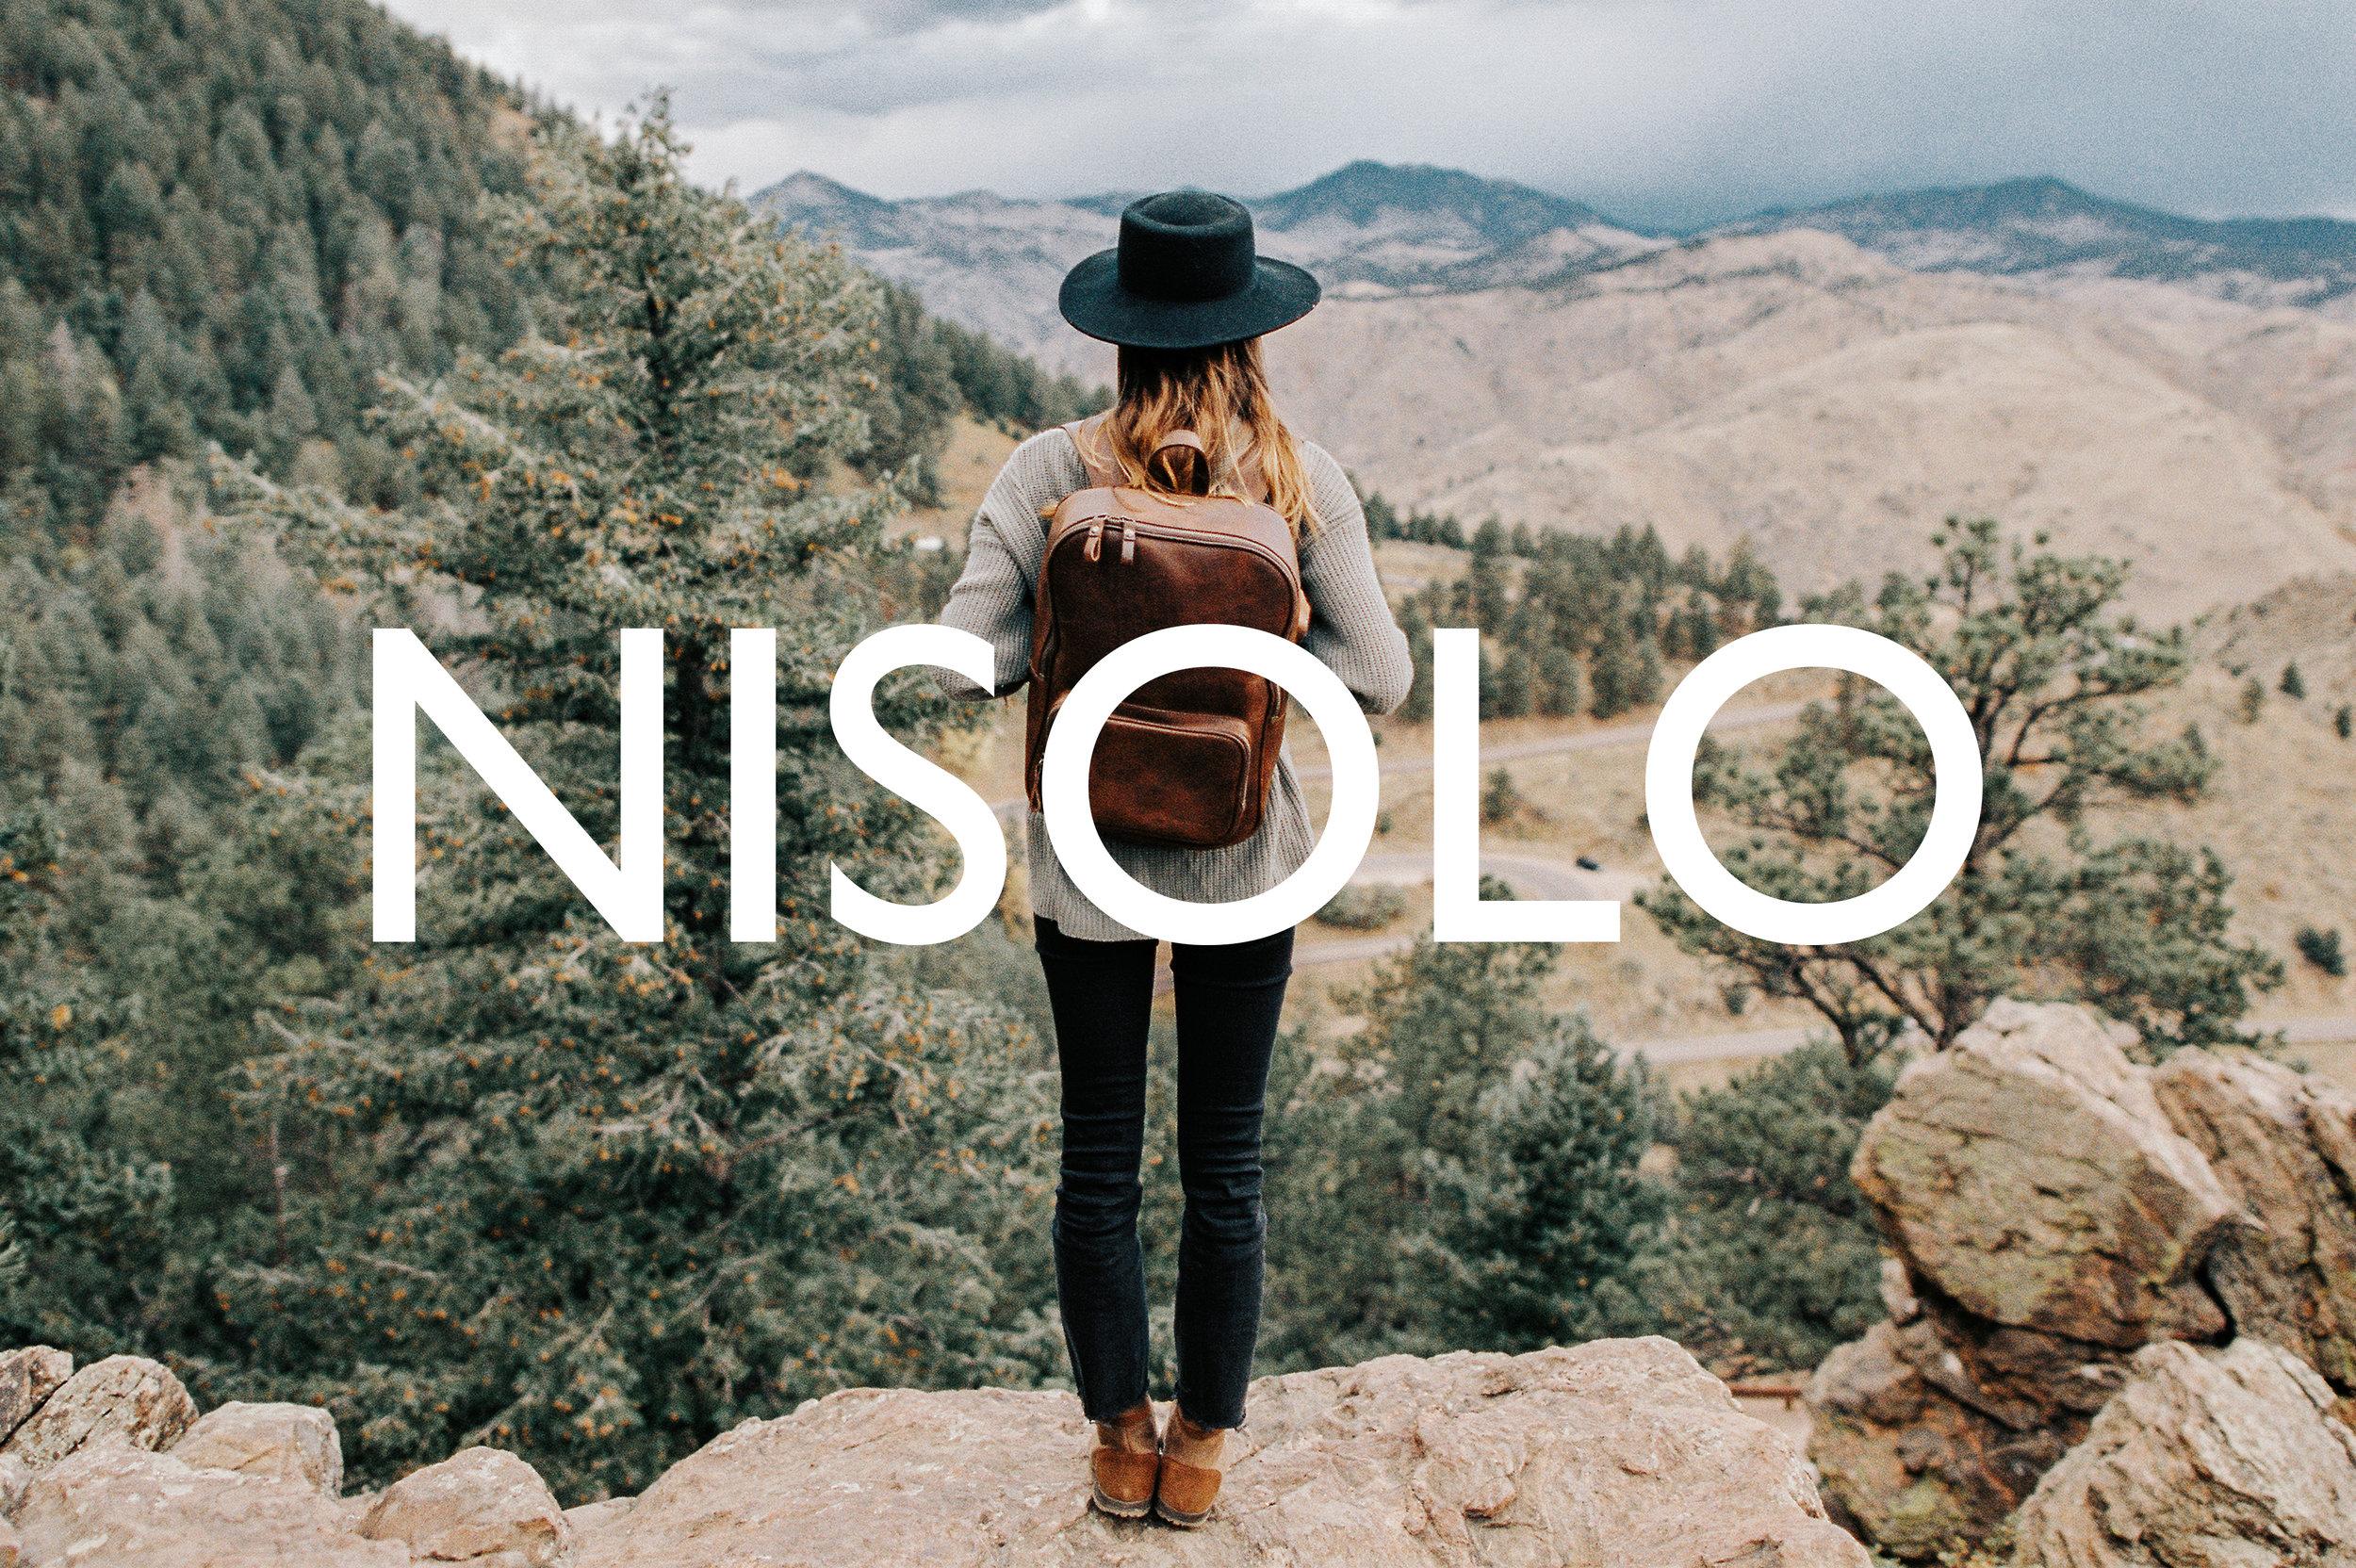 Nisolo Blog Cover.jpg